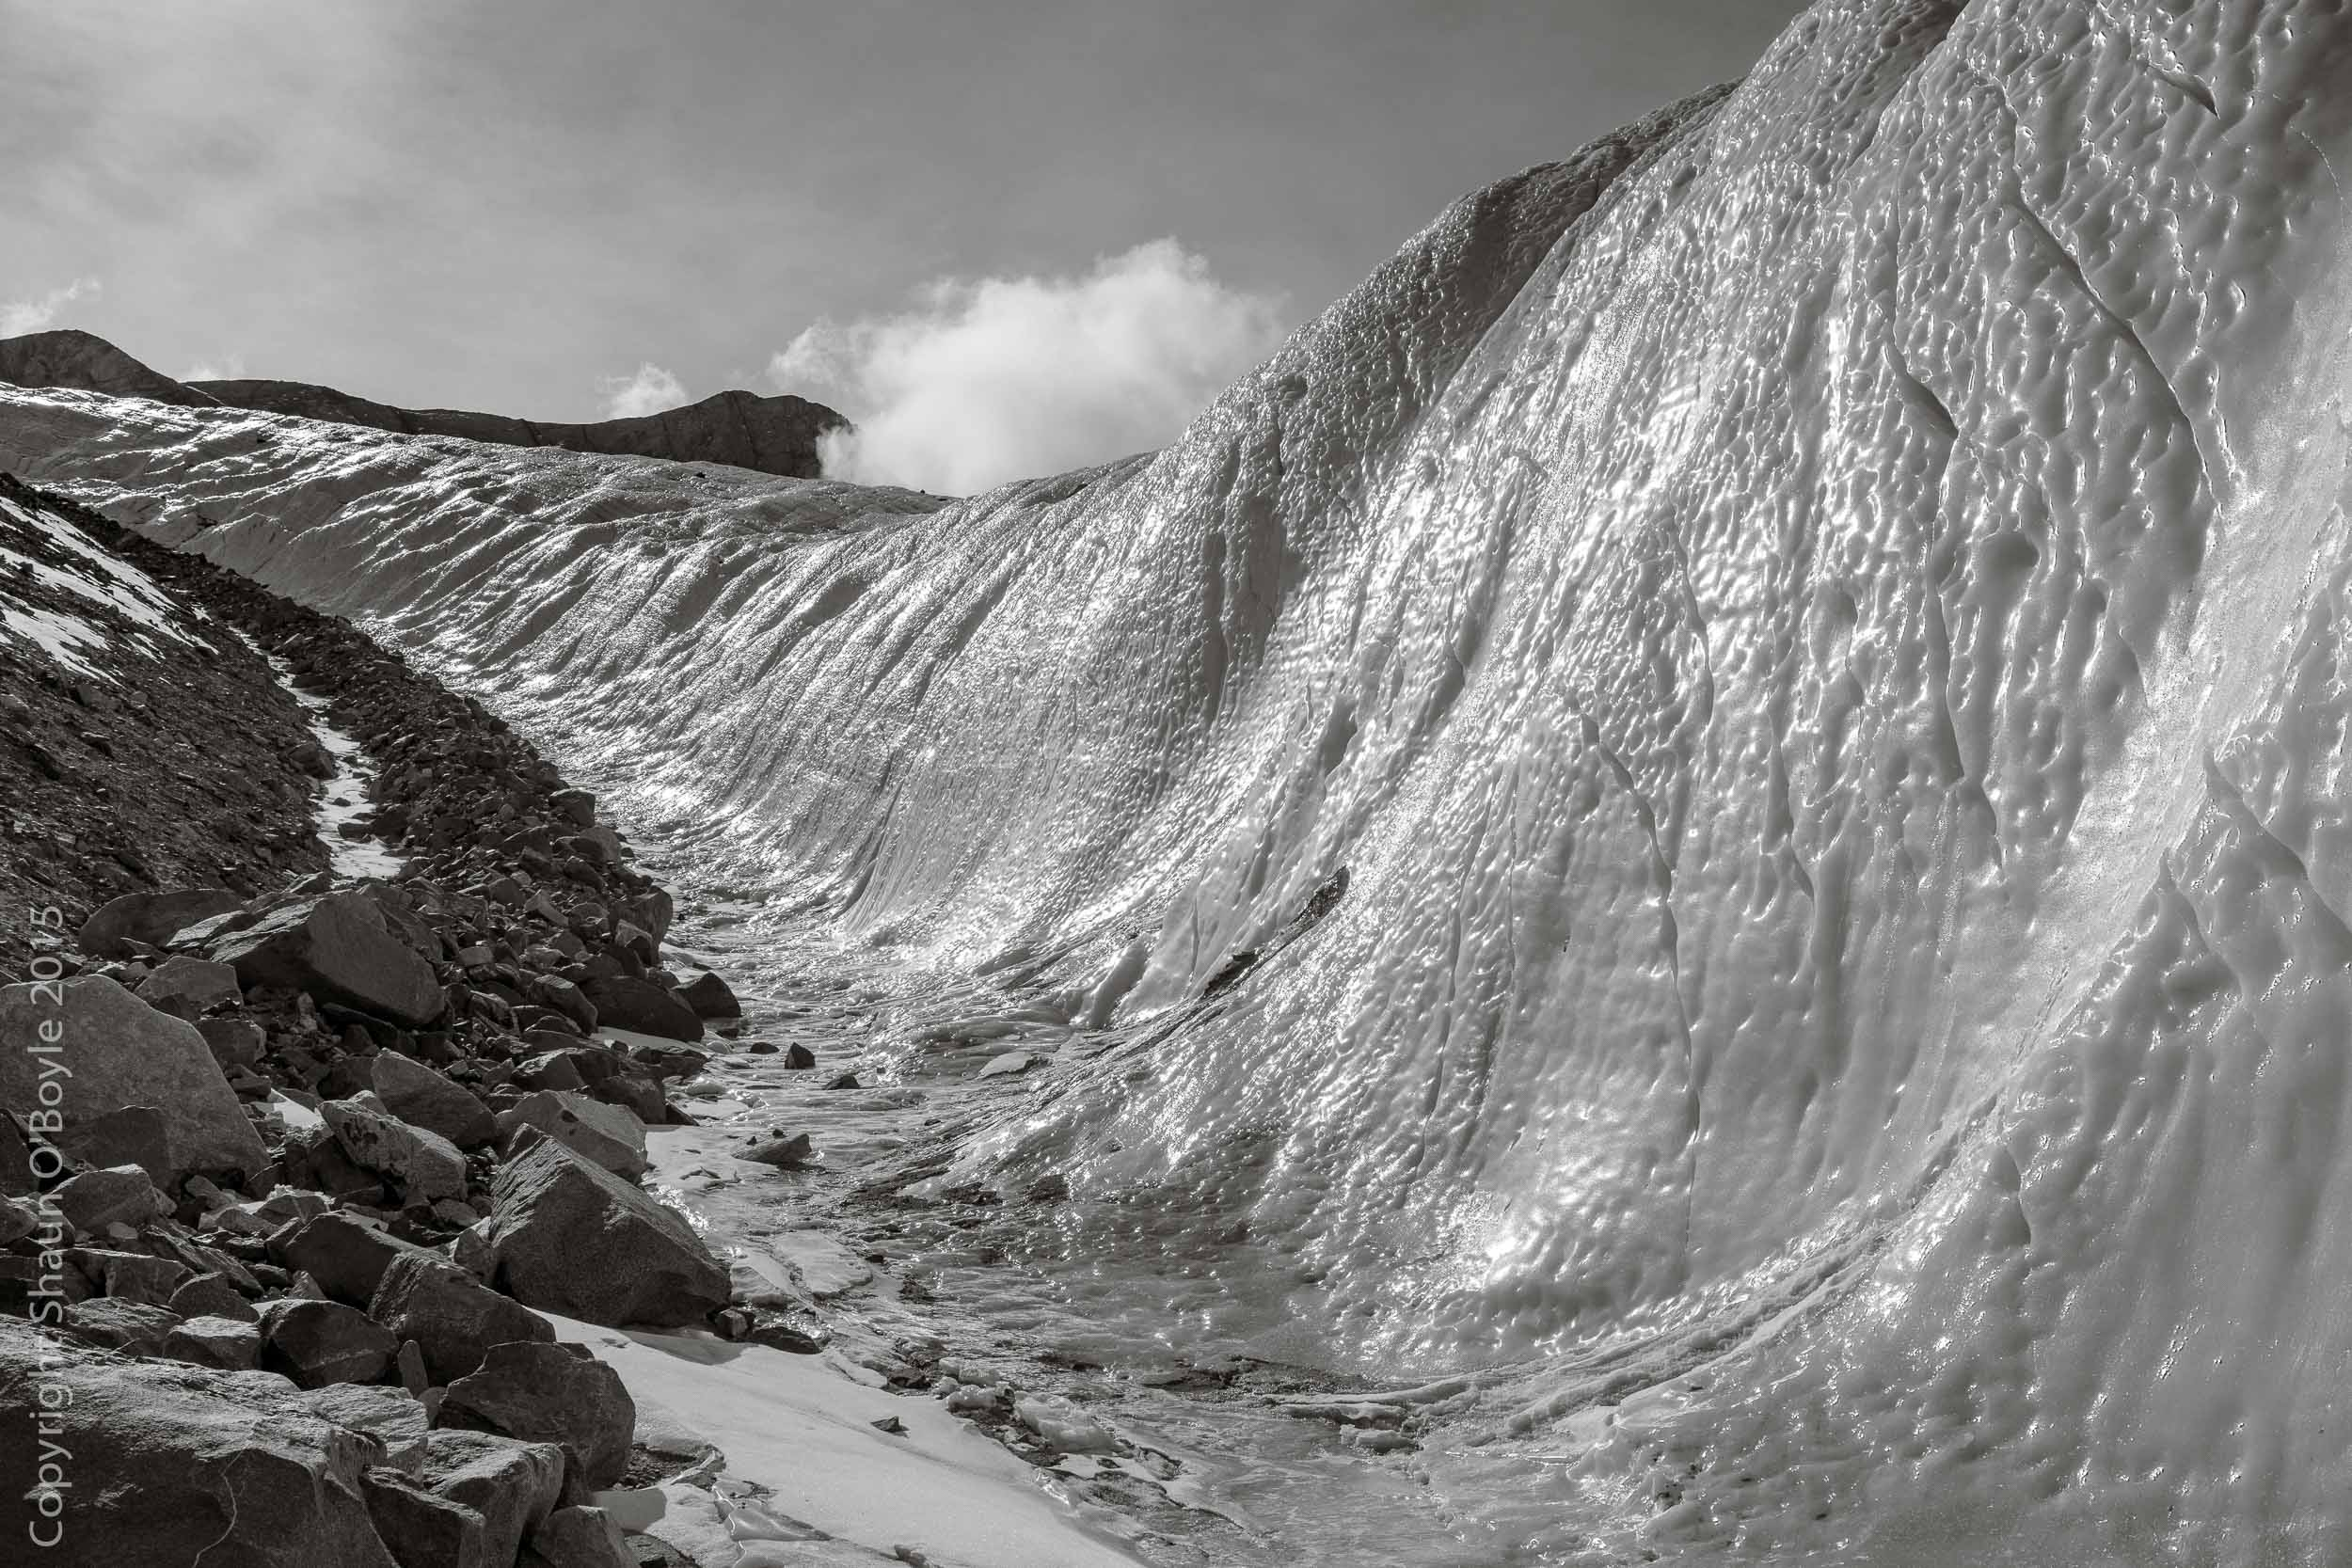 Lateral moraine of the Canada Glacier, Taylor Valley, Antarctica